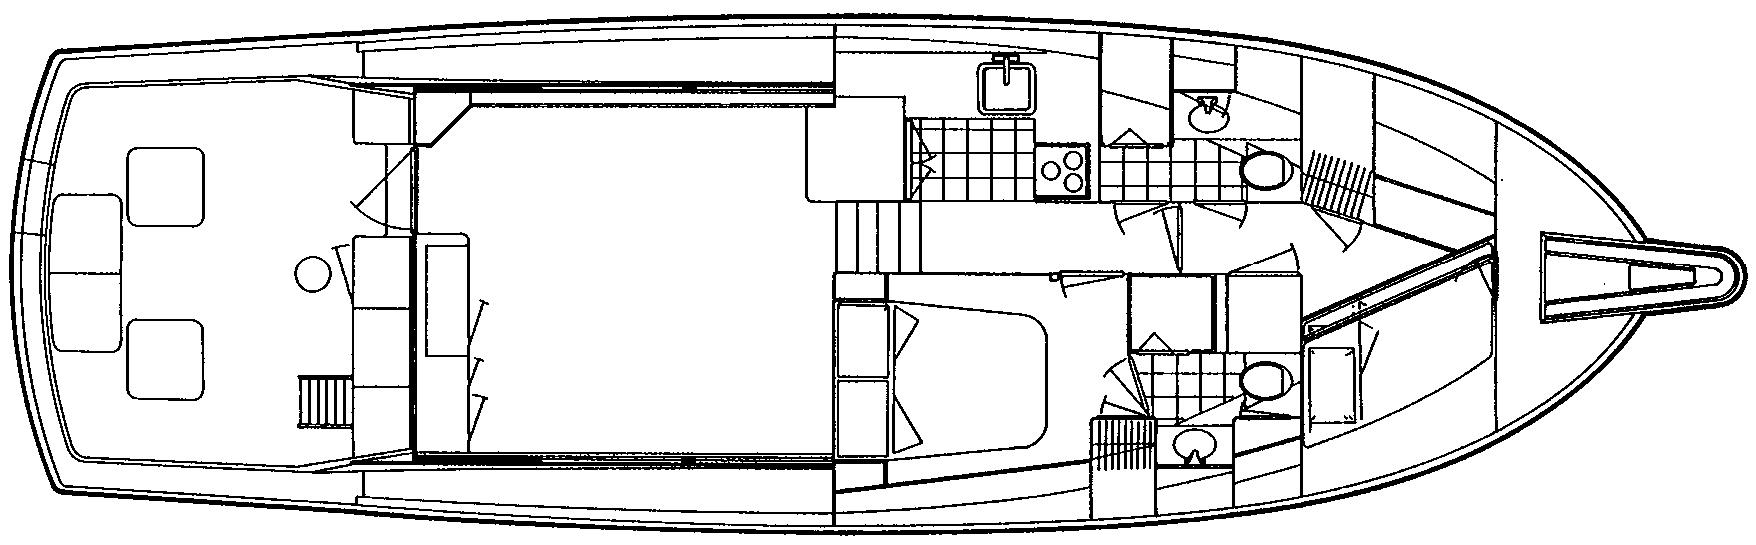 52 Convertible Floor Plan 2